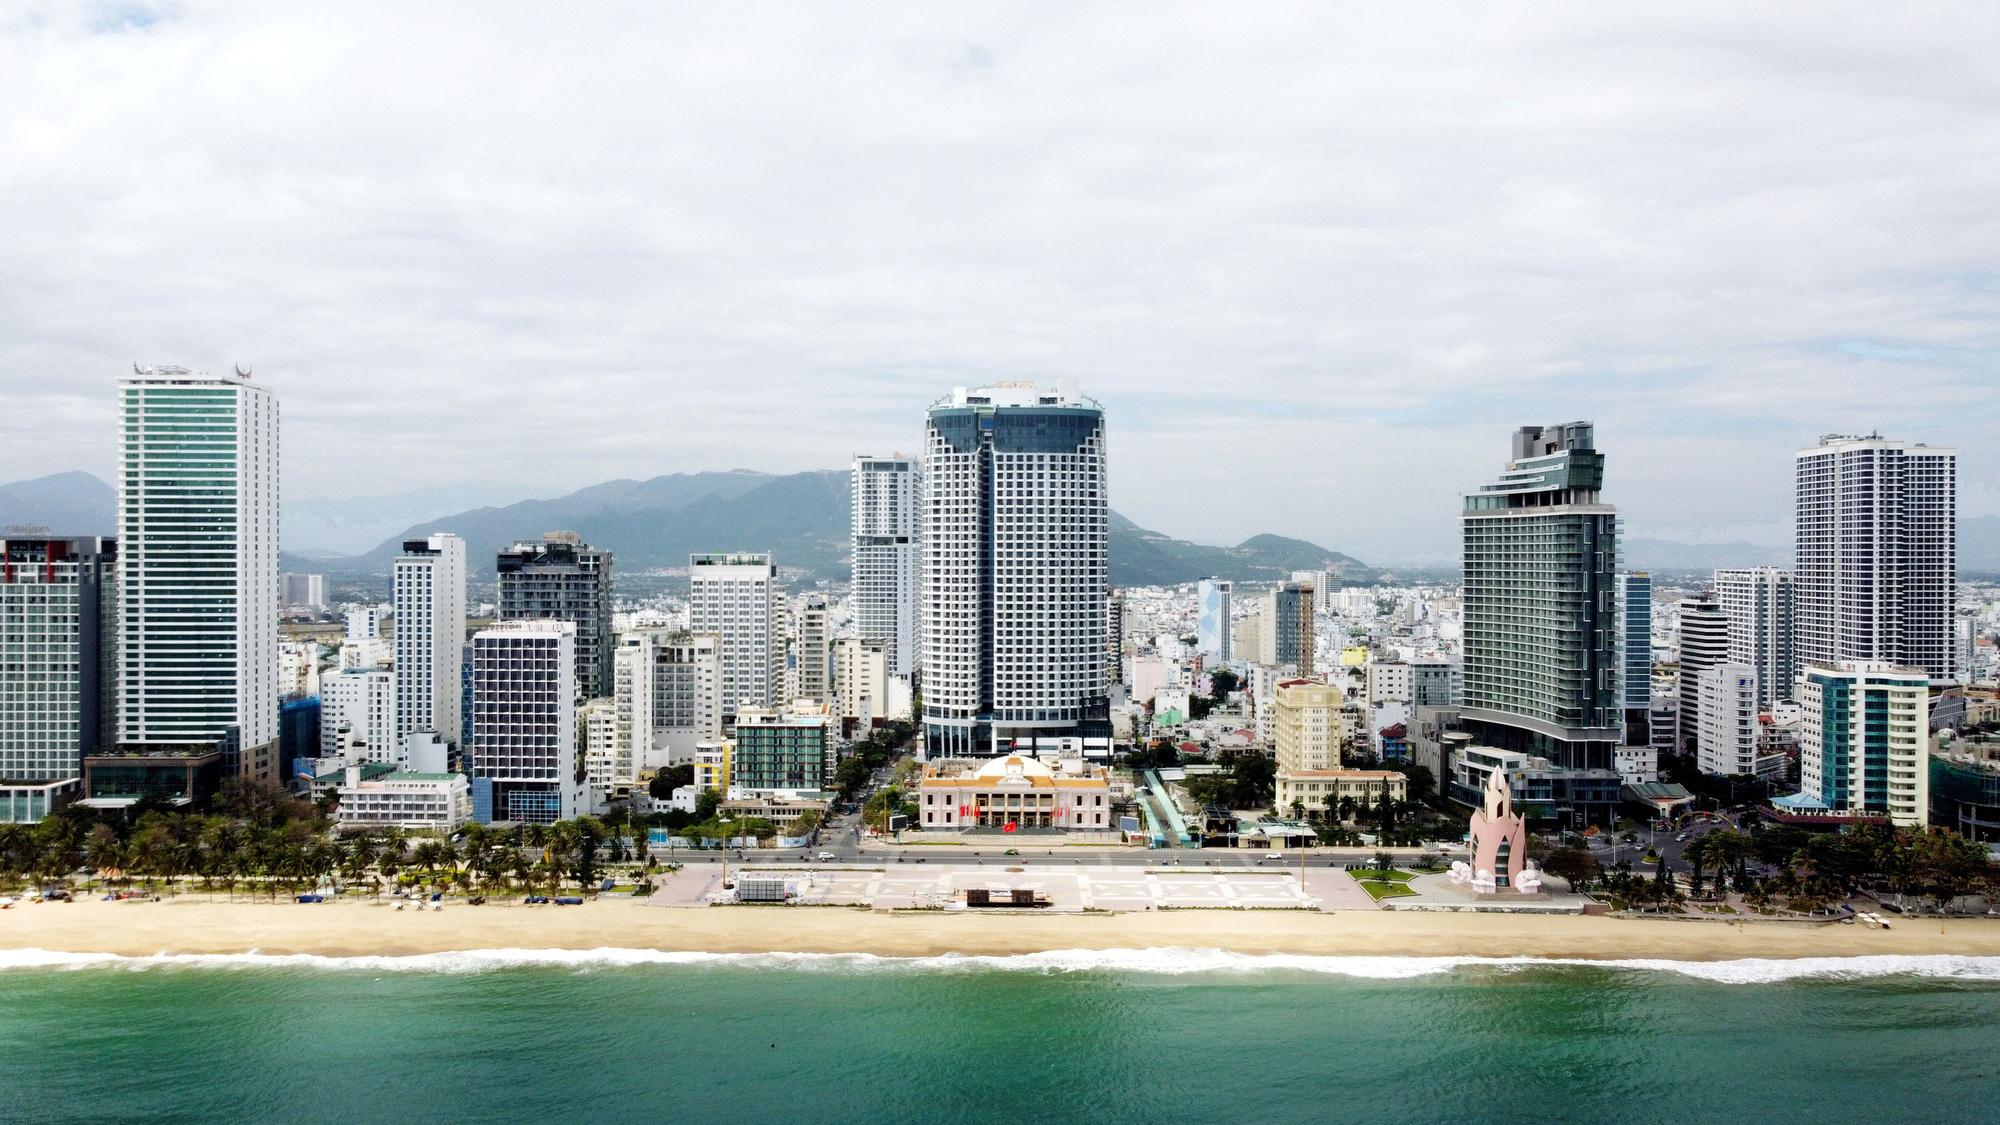 Khánh Hòa sẽ di dời ga Nha Trang và bổ sung bến du thuyền quốc tế trên đảo Hòn Tre - Ảnh 1.